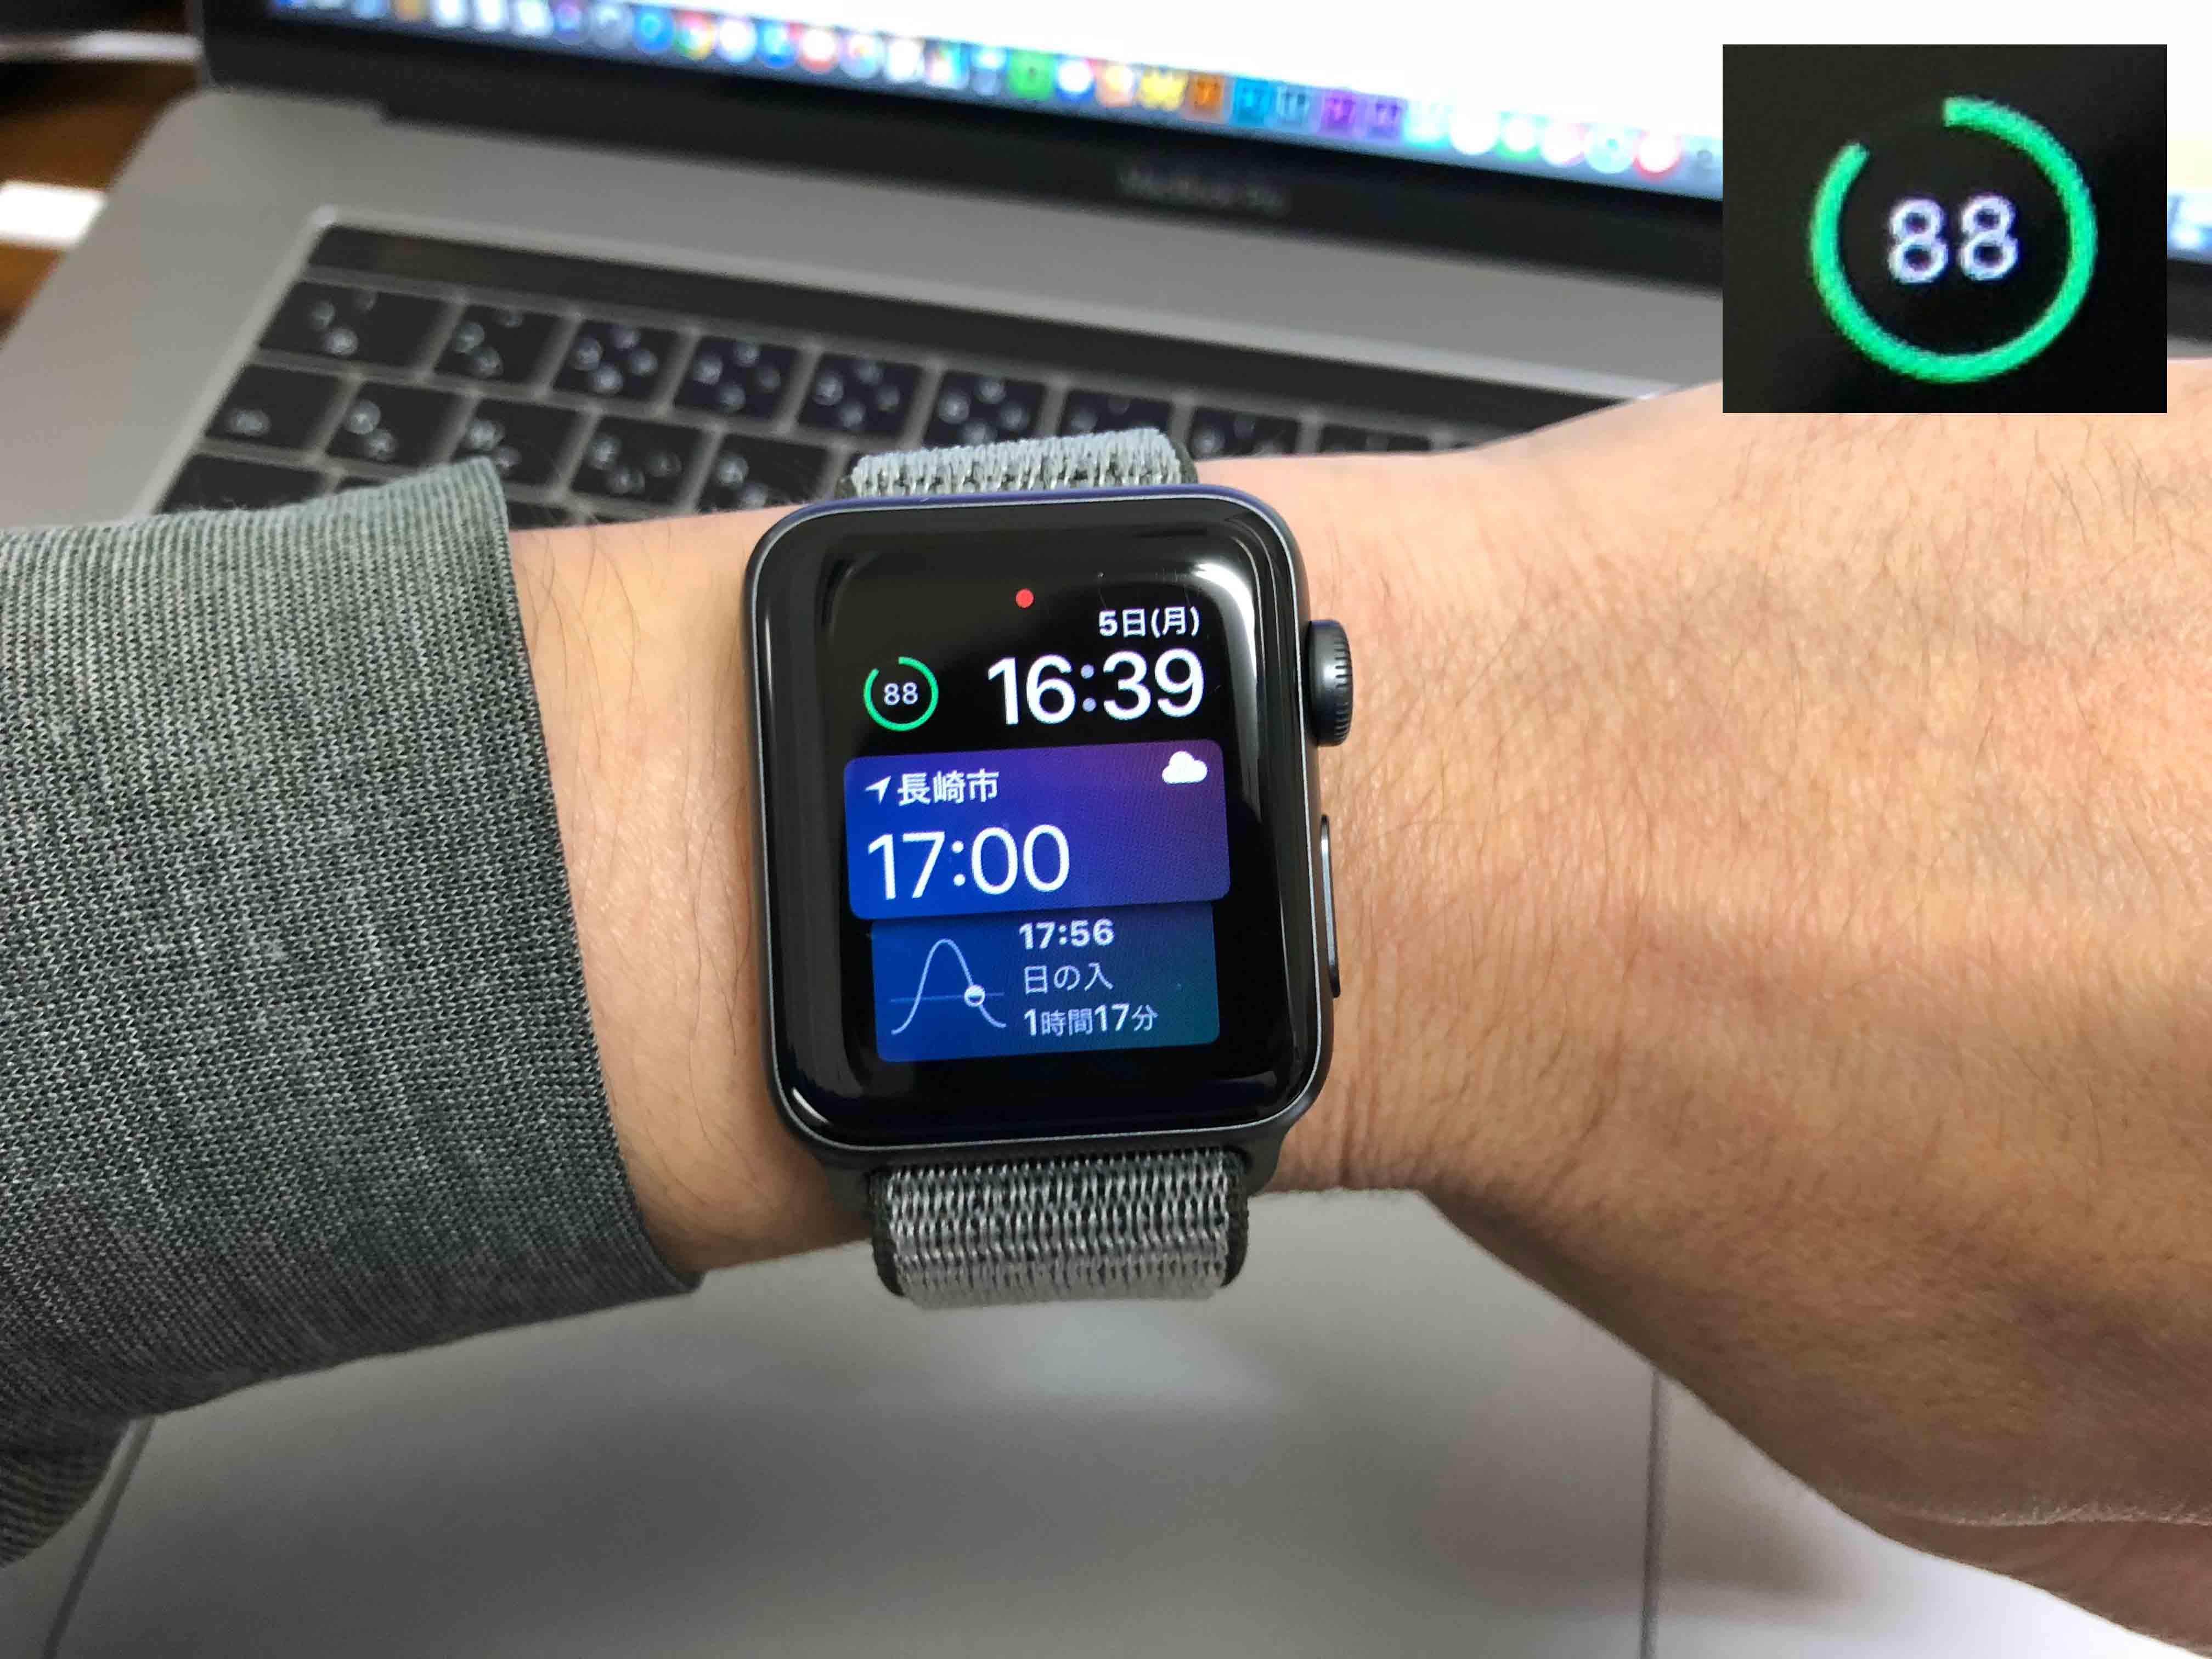 AppleWatchバッテリー88%に関する写真...